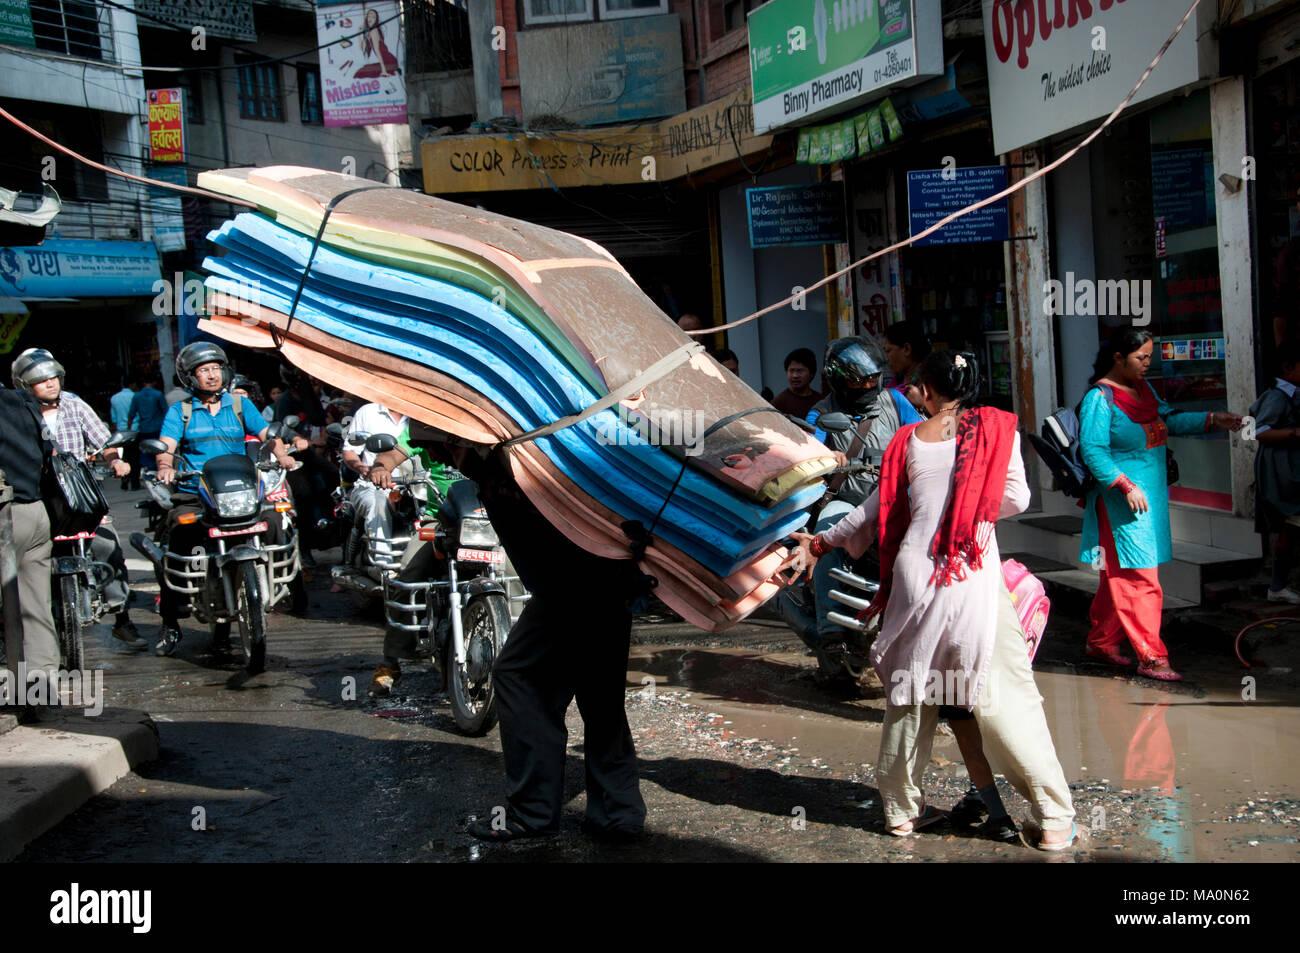 Il Nepal 2014. Kathmandu . L'uomo portando materassi accanto agli uomini sulla moto. Foto Stock